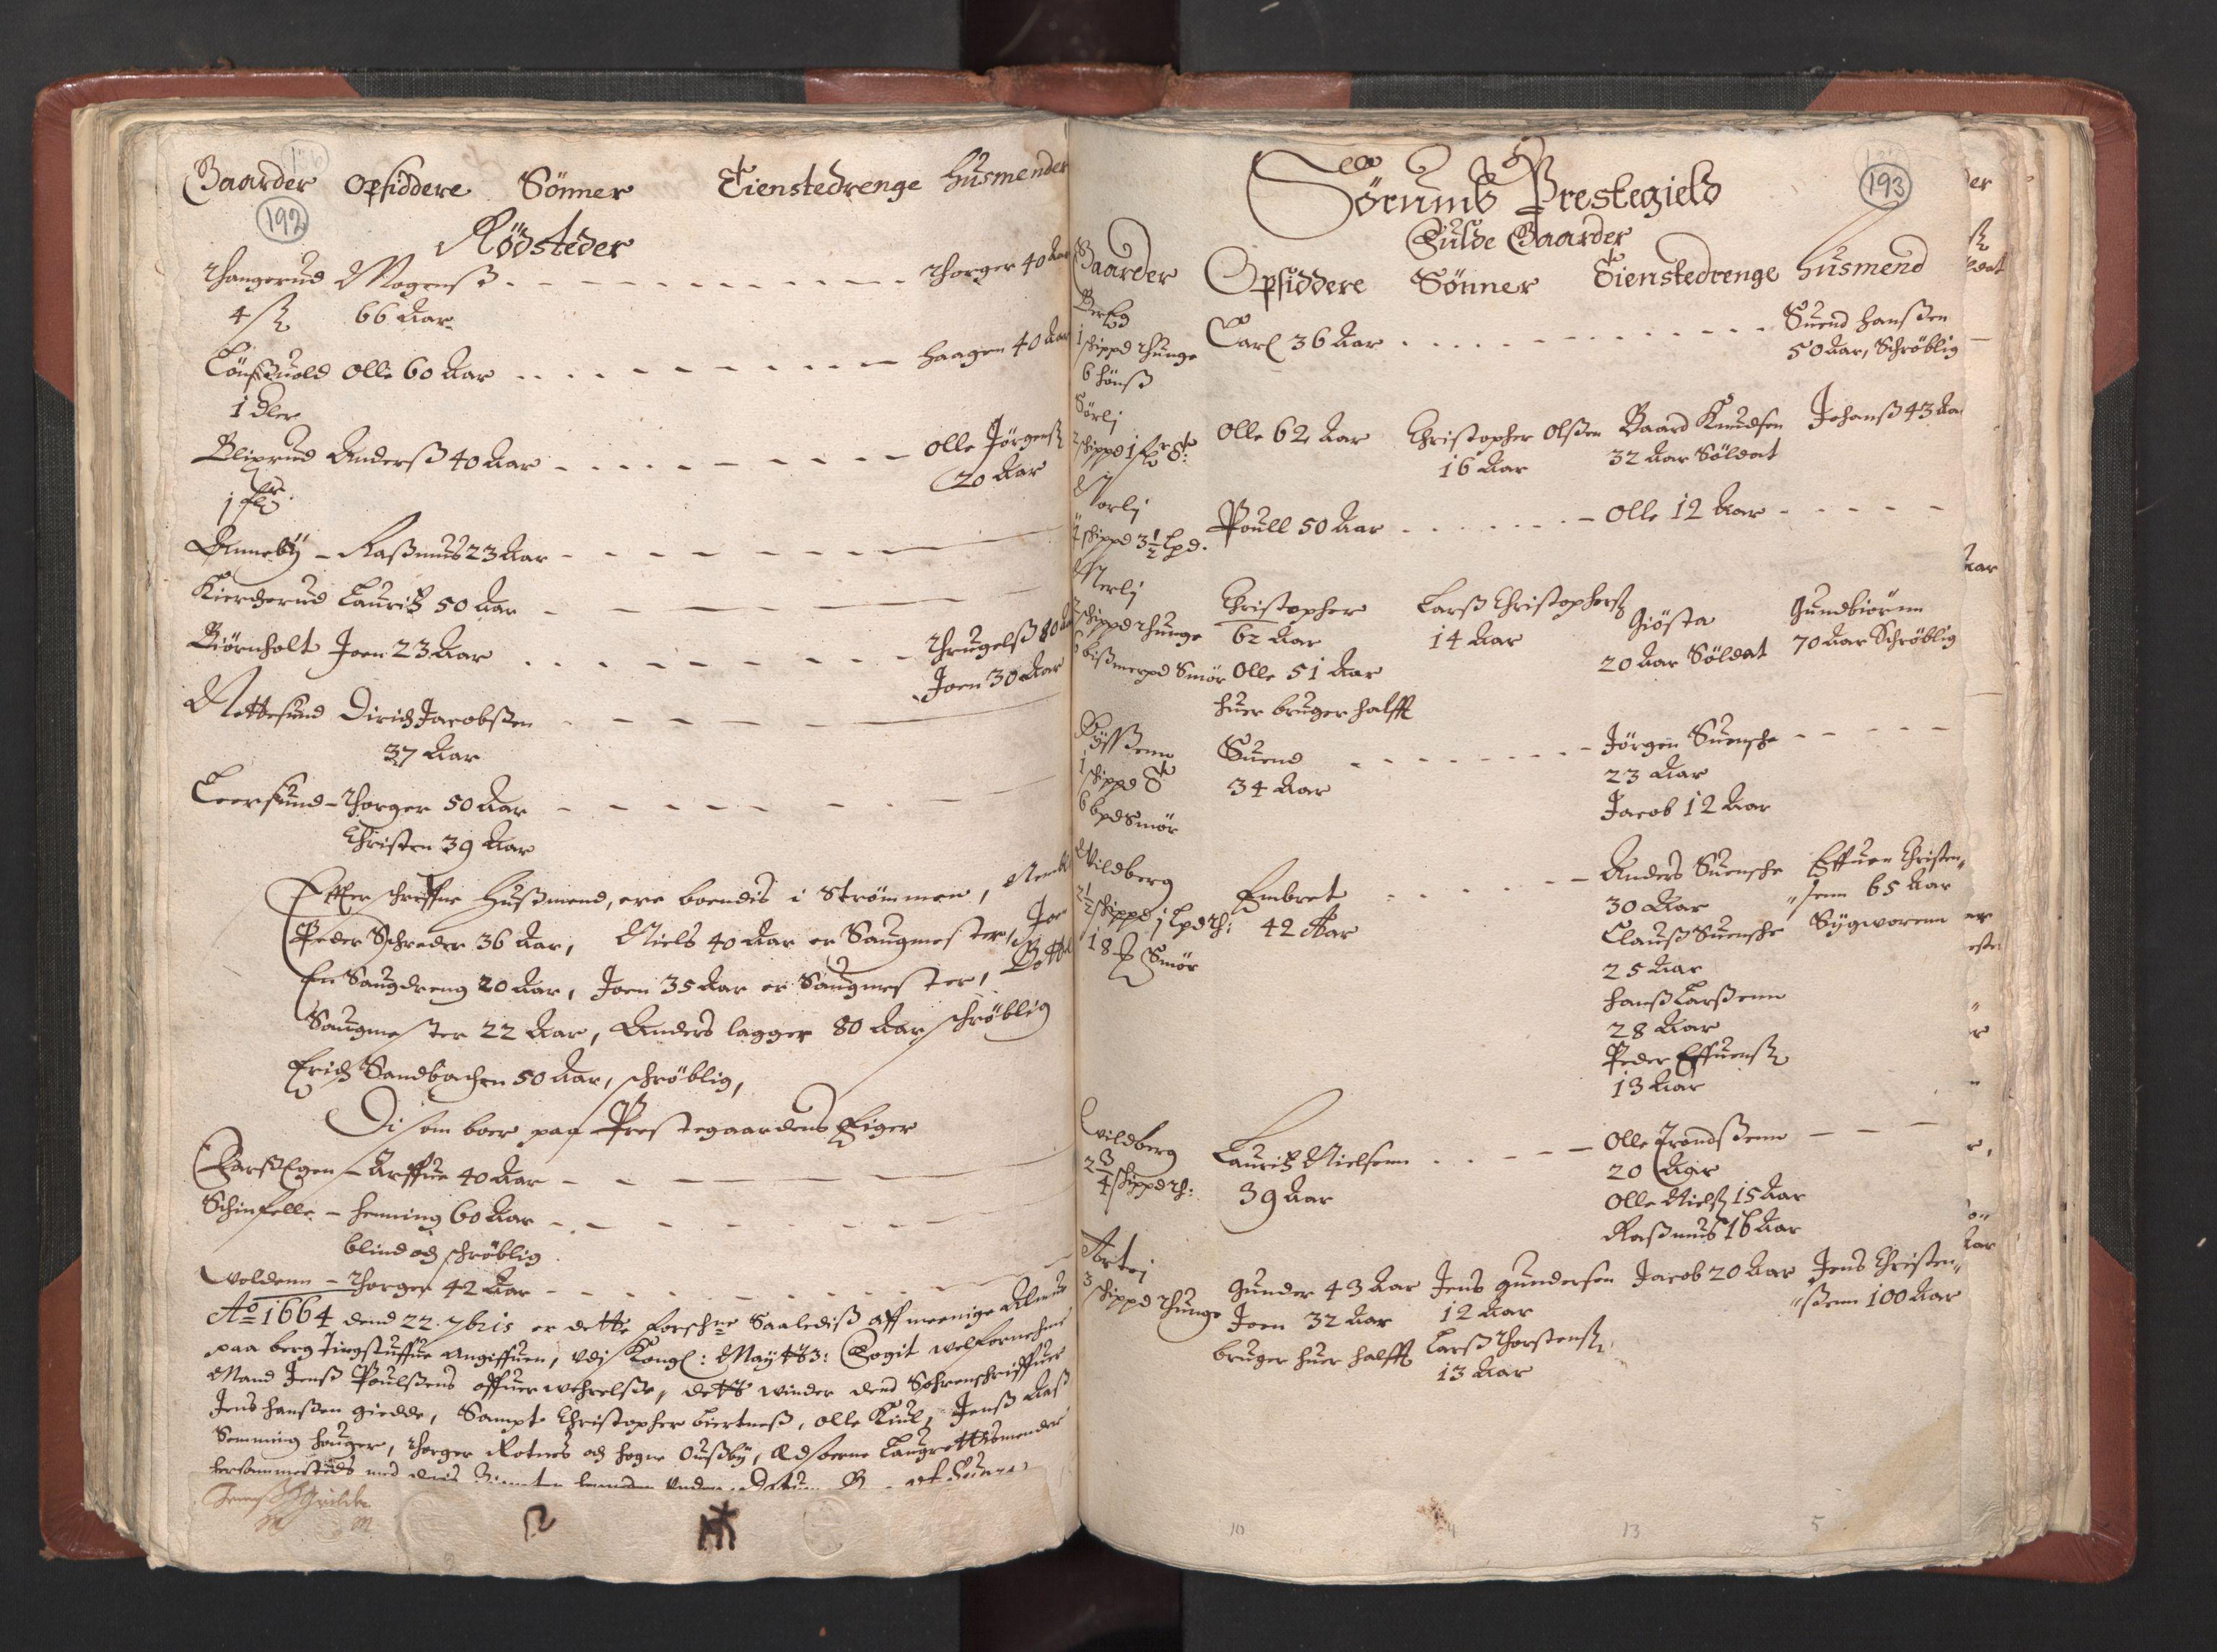 RA, Fogdenes og sorenskrivernes manntall 1664-1666, nr. 2: Aker fogderi, Follo fogderi, Nedre Romerike fogderi og Øvre Romerike fogderi, 1664, s. 192-193